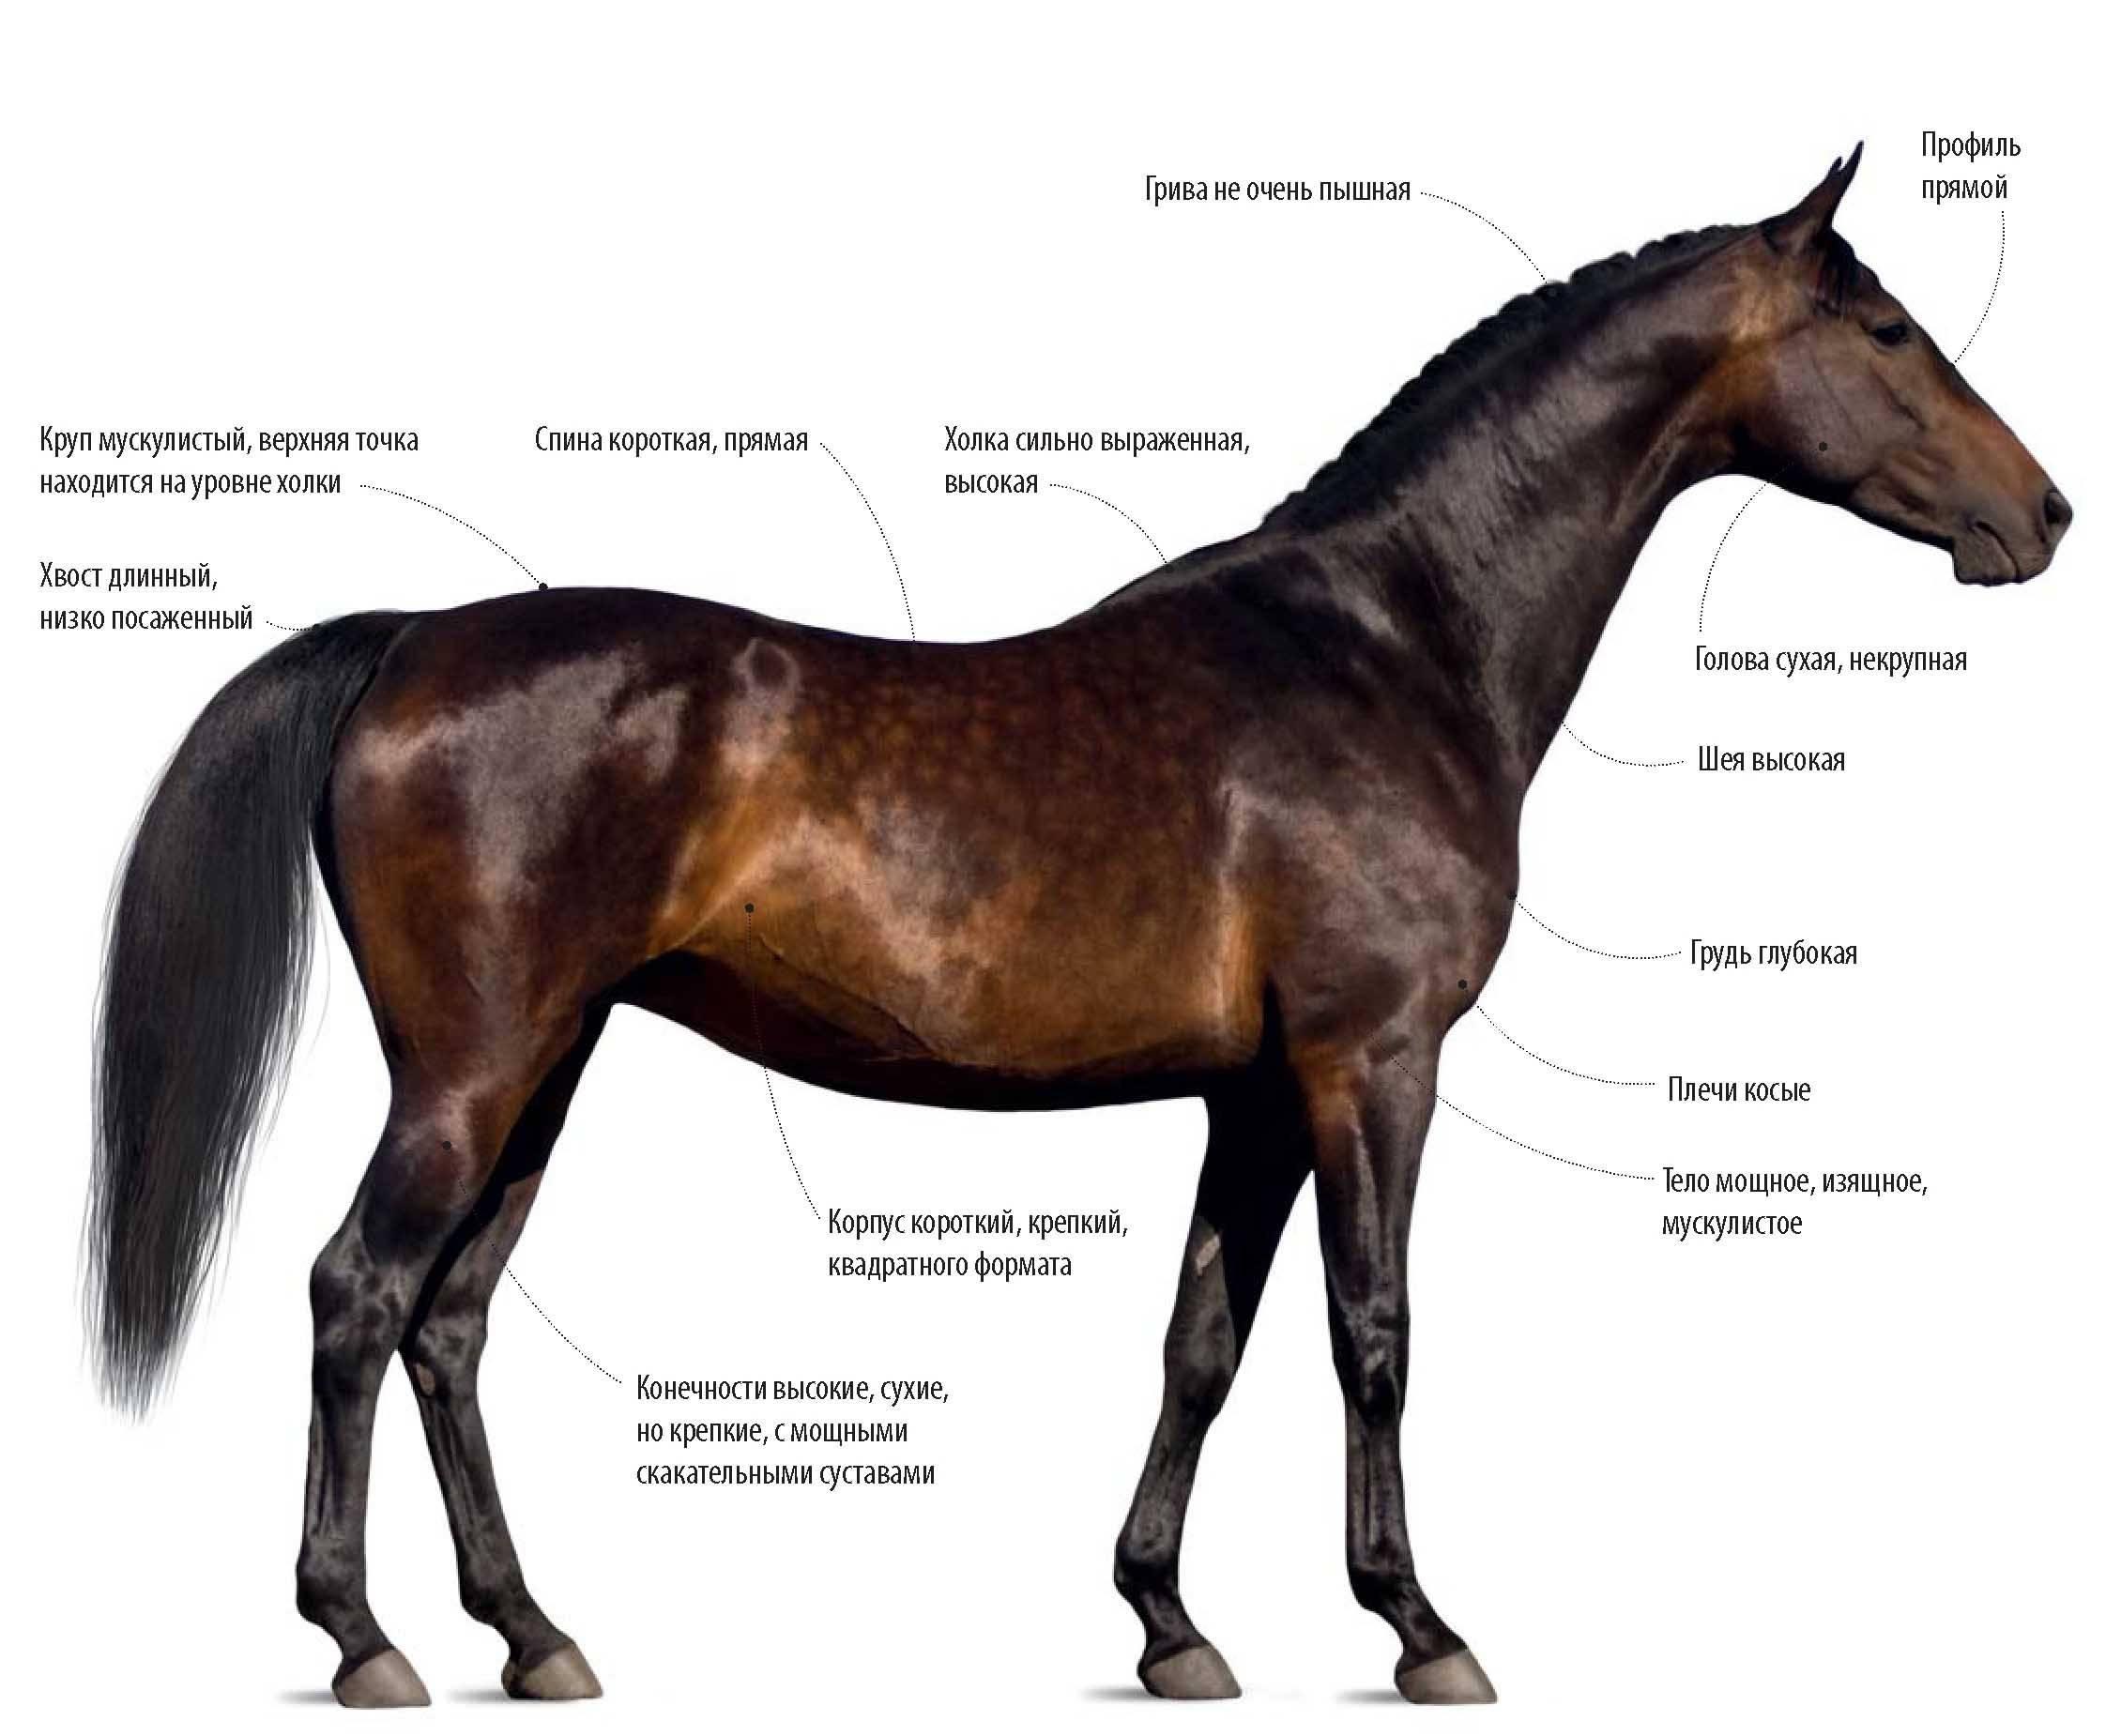 Английская порода лошадей – чистокровная верховая 2021